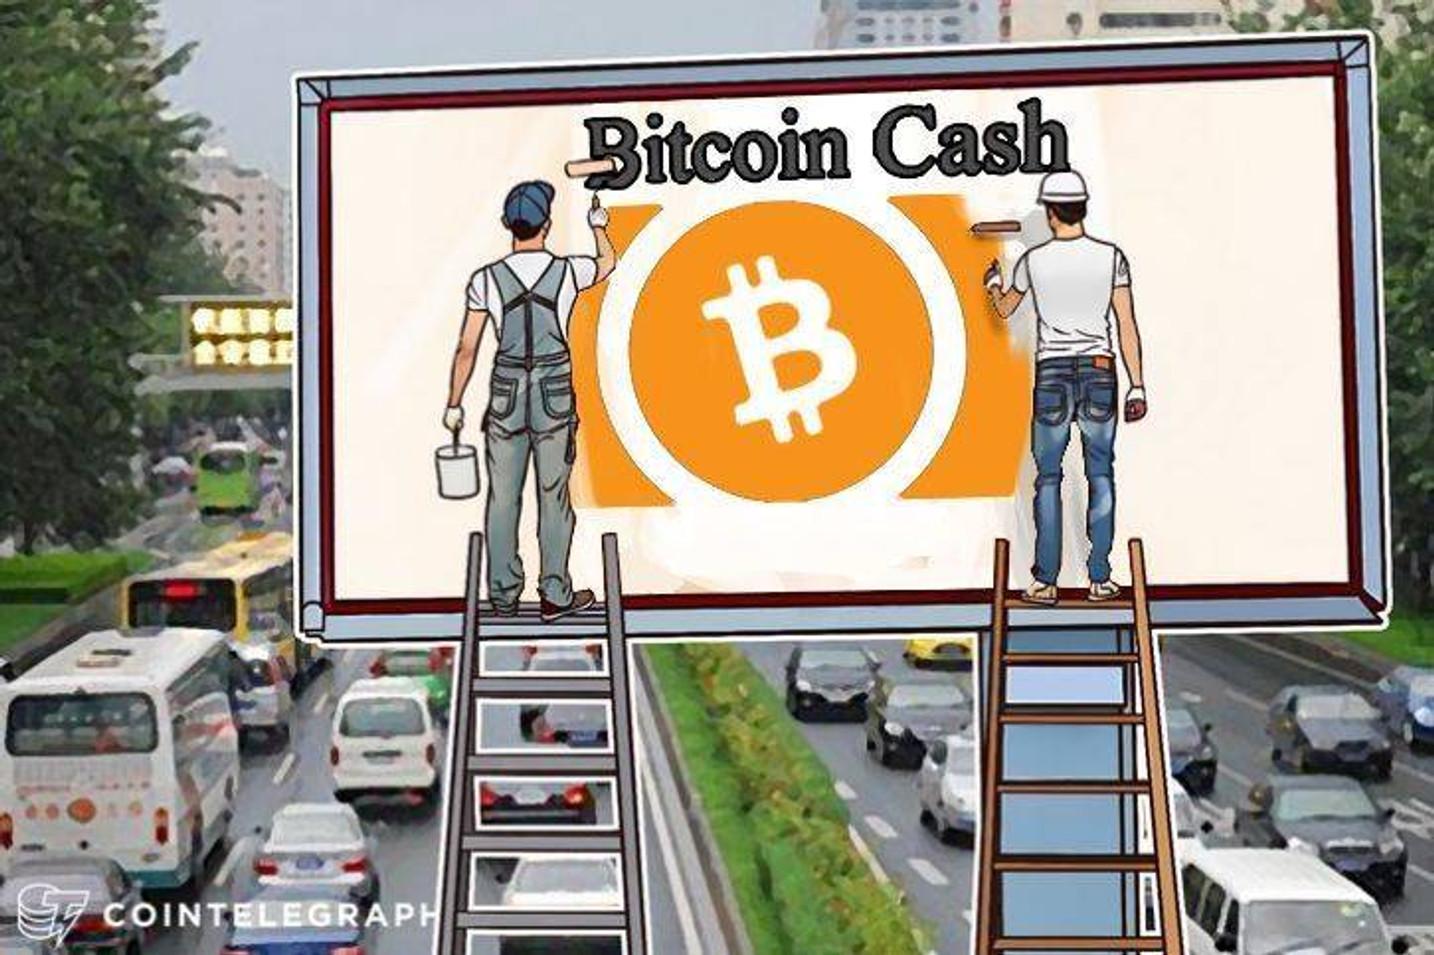 Antes de la bifurcación de Bitcoin Cash, las visiones competidoras de la moneda compiten por la tasa de hash